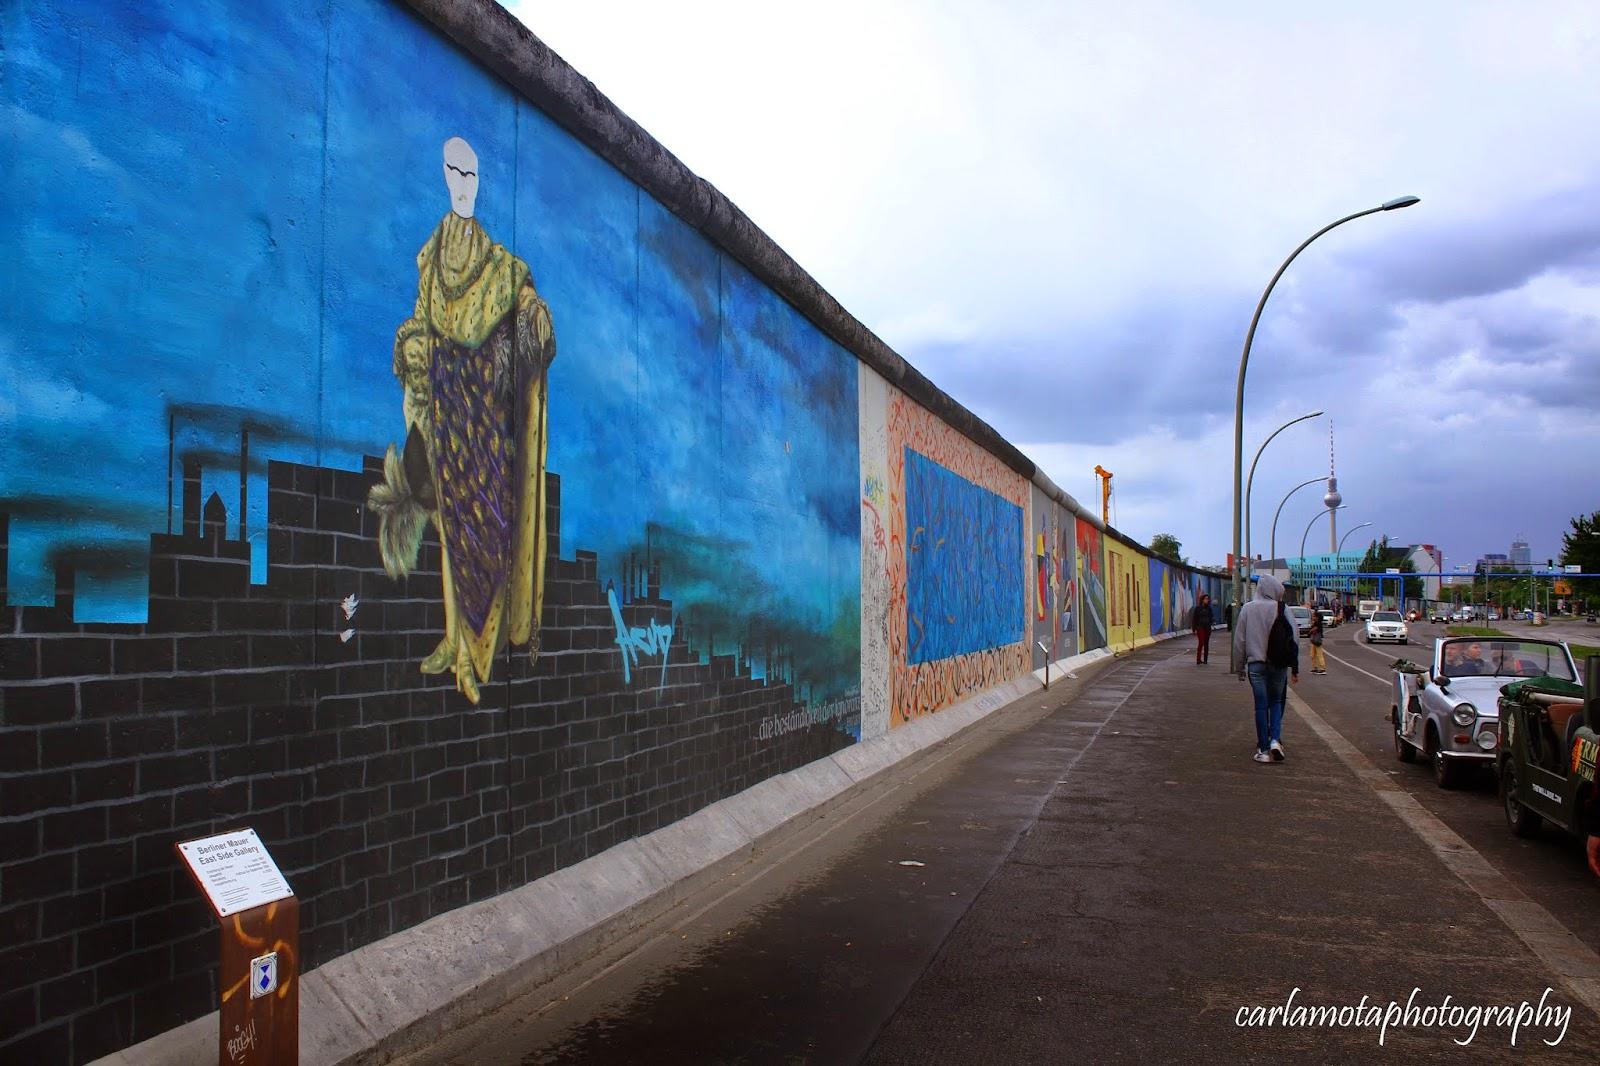 Tudo o que gostaria de saber sobre a construção e queda do MURO DE BERLIM | AlemanhaTudo o que gostaria de saber sobre a construção e queda do MURO DE BERLIM | Alemanha